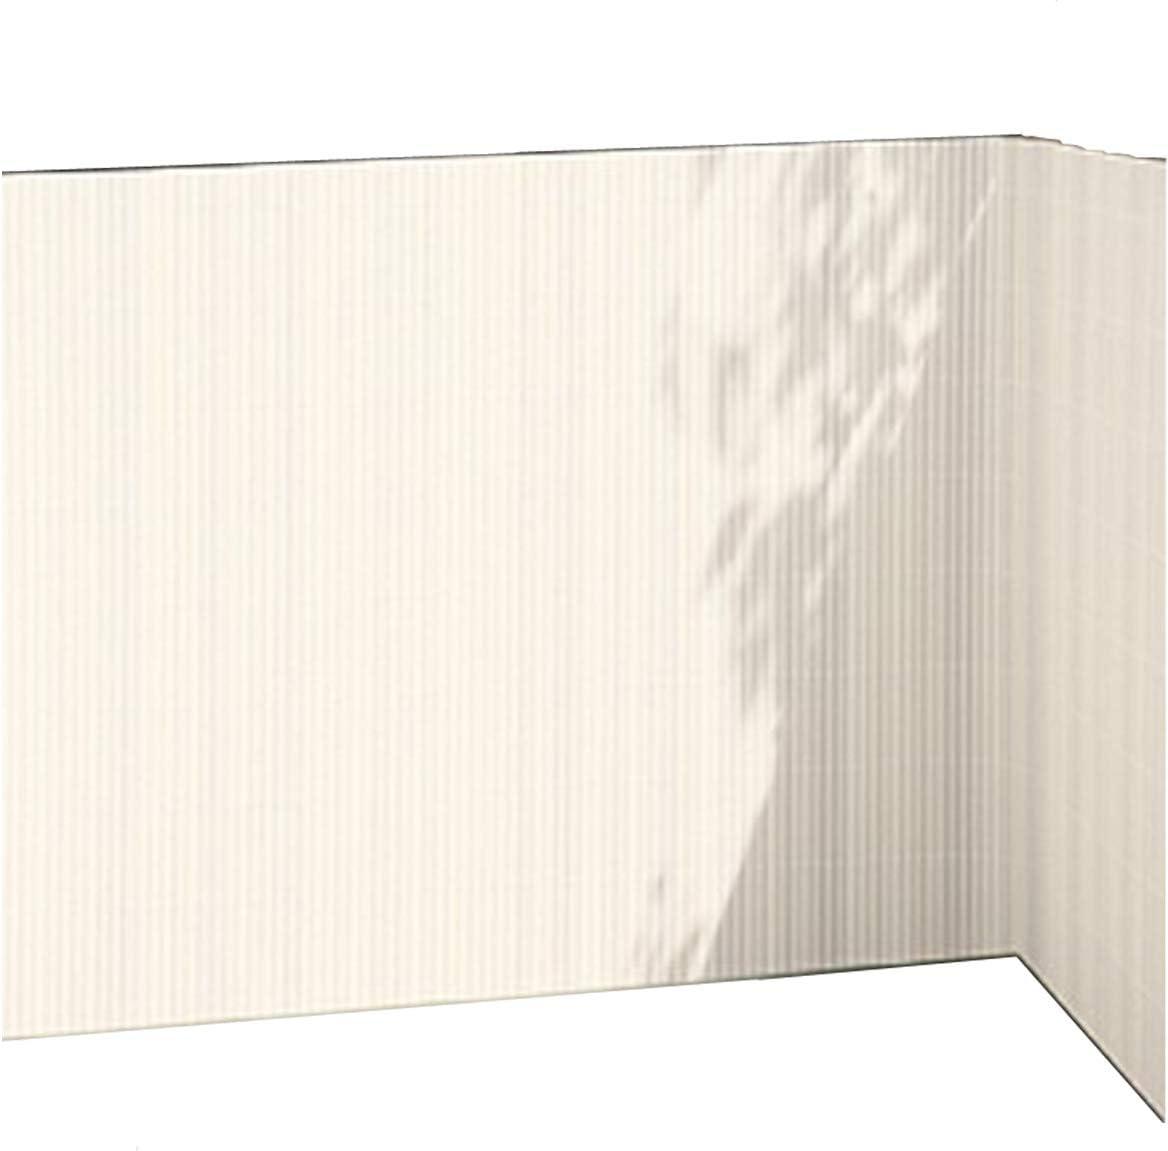 Amazon De Balkonsichtschutz Weiss 90x300 Kunststoff